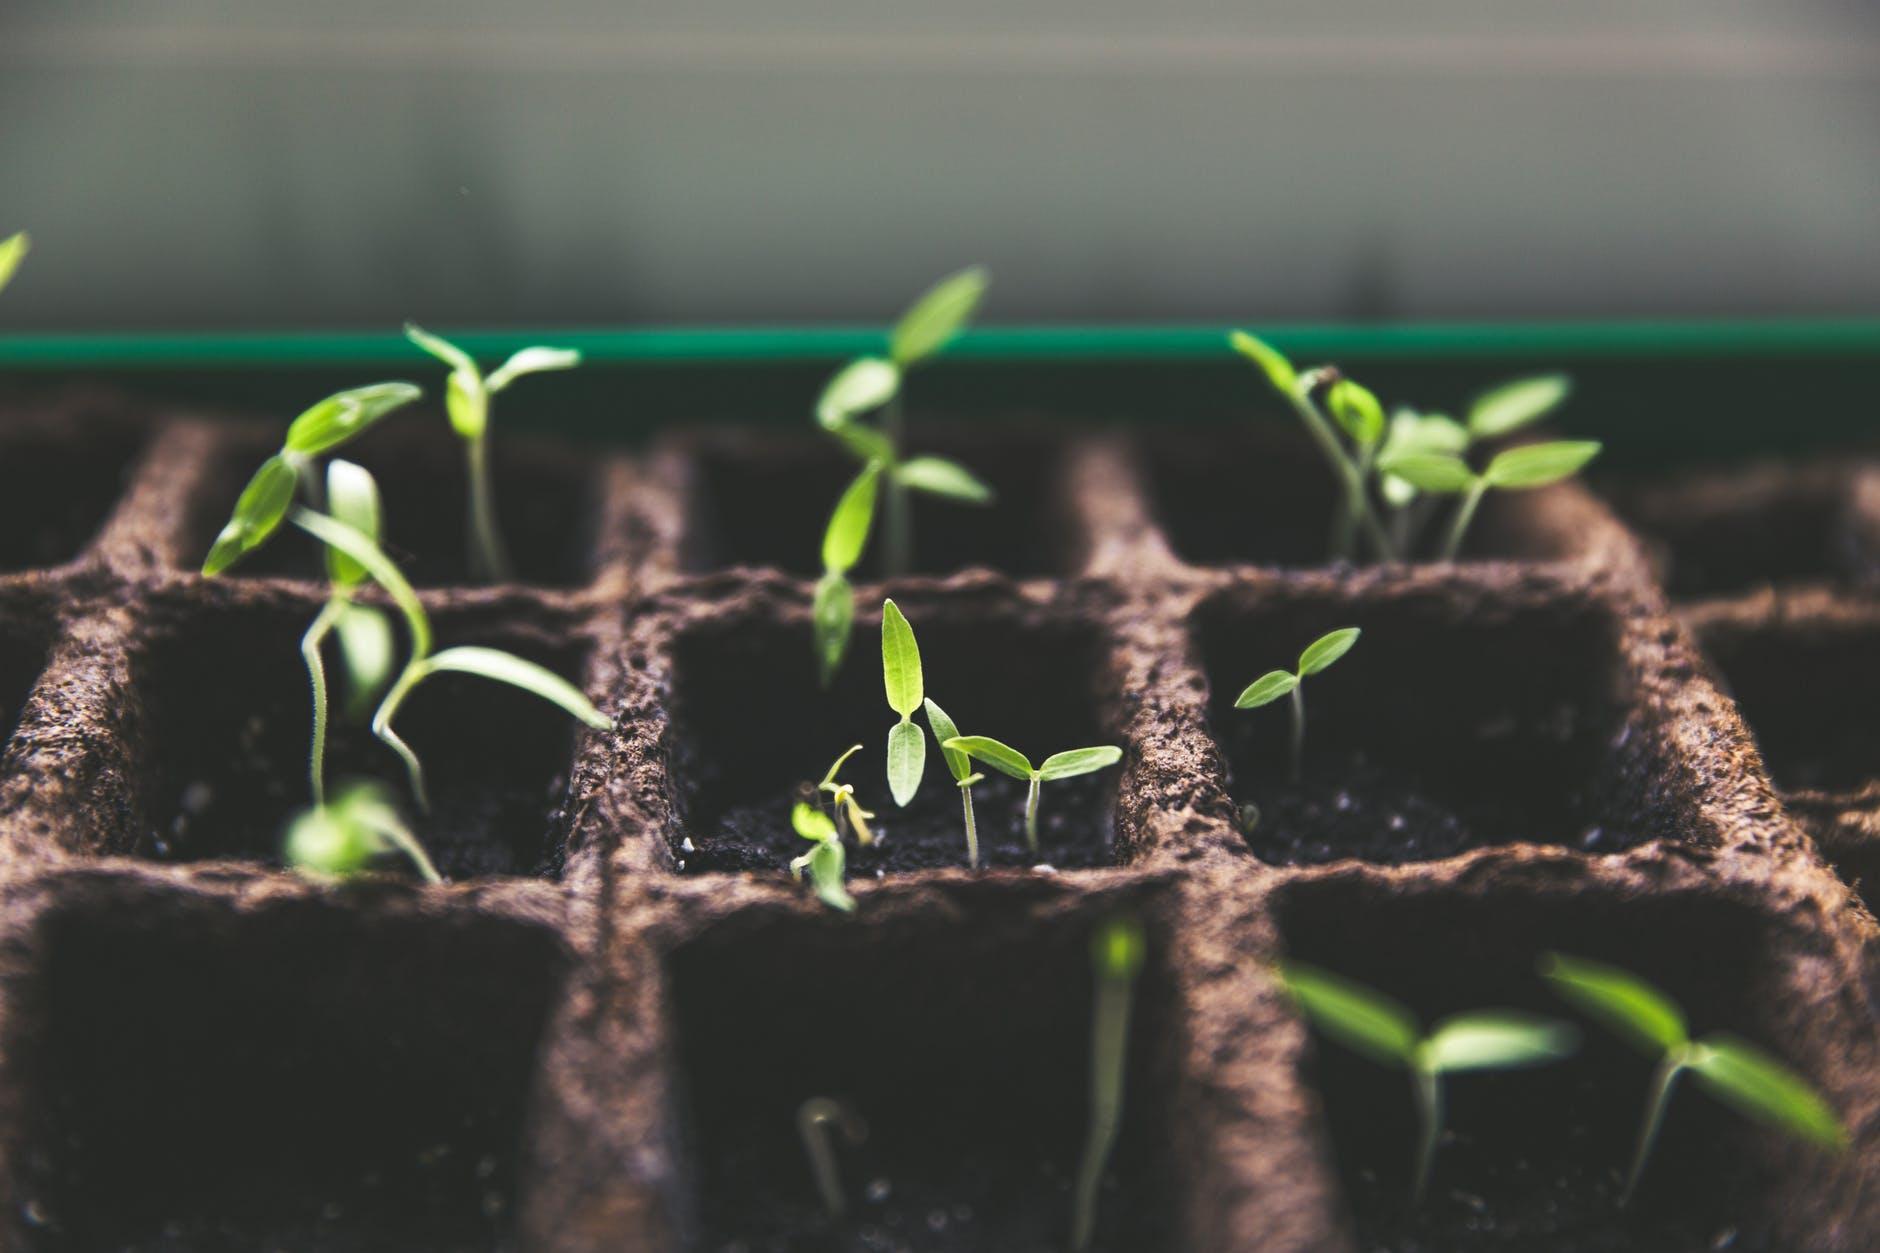 Giv dine planter gode forhold med et vægdrivhus